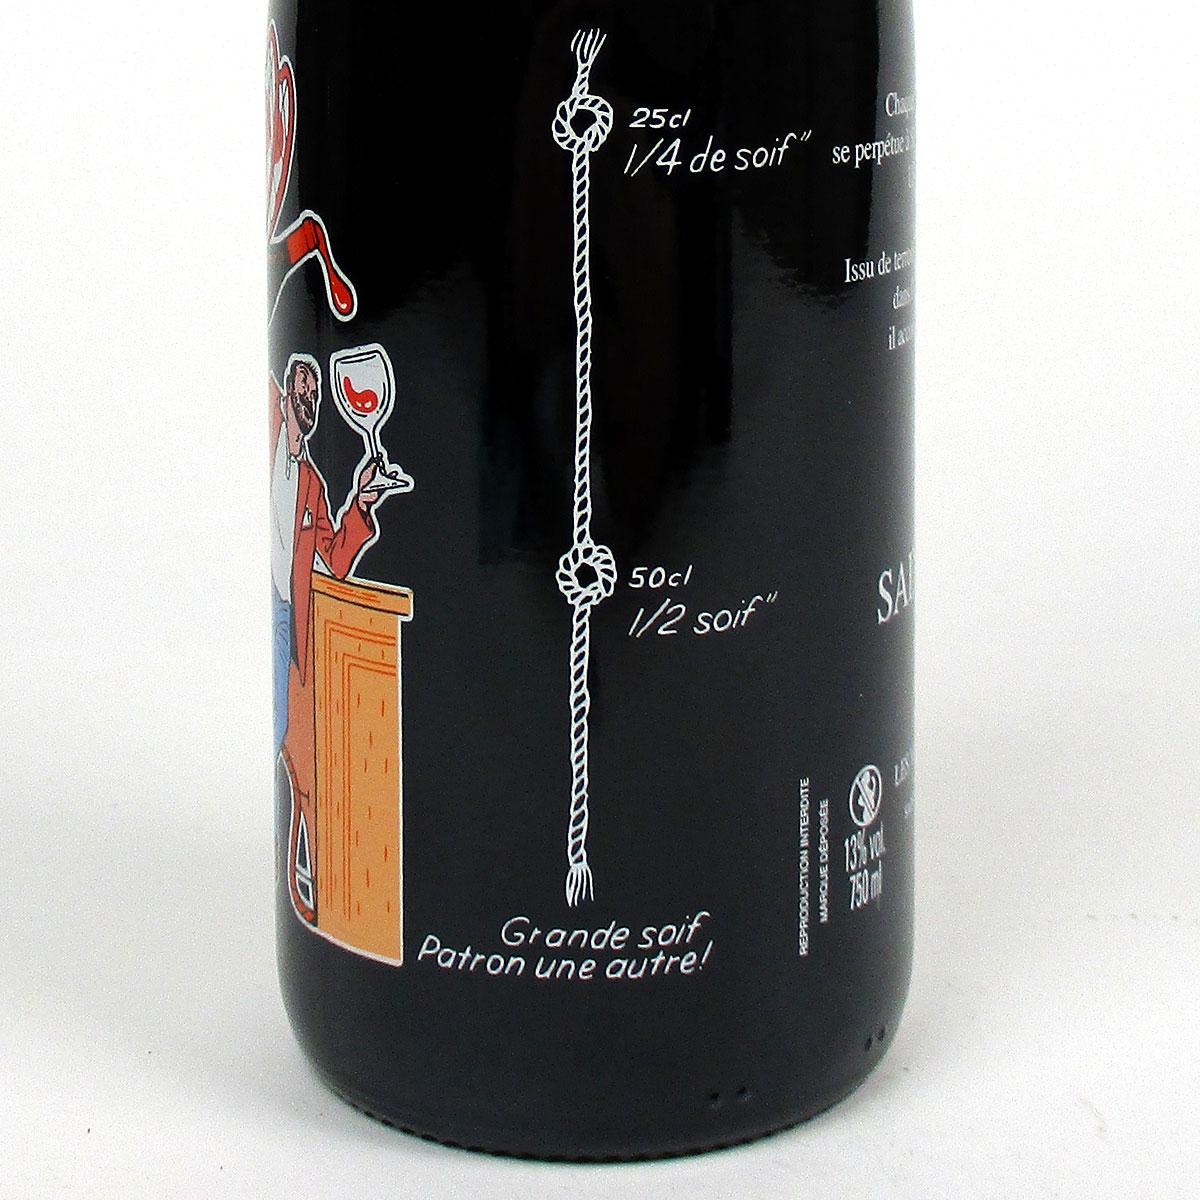 Saint-Pourçain: 'La Ficelle' Rouge 2020 - Bottle Side Label